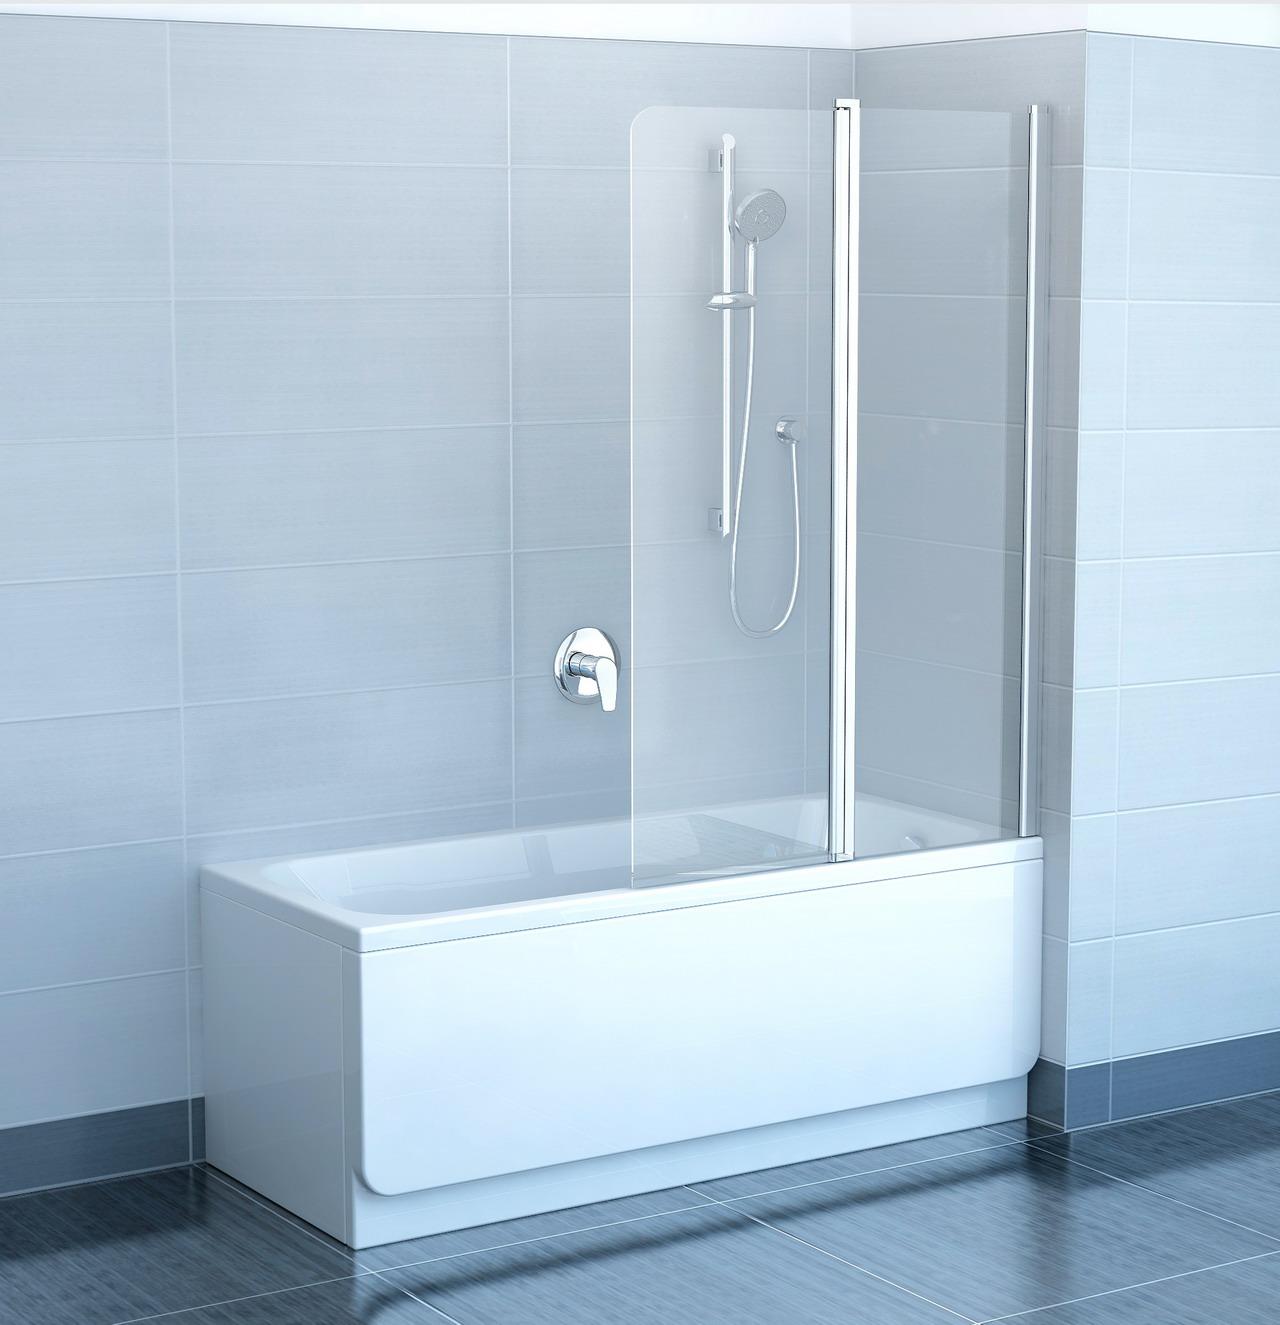 Стеклянная шторка в небольшой ванной